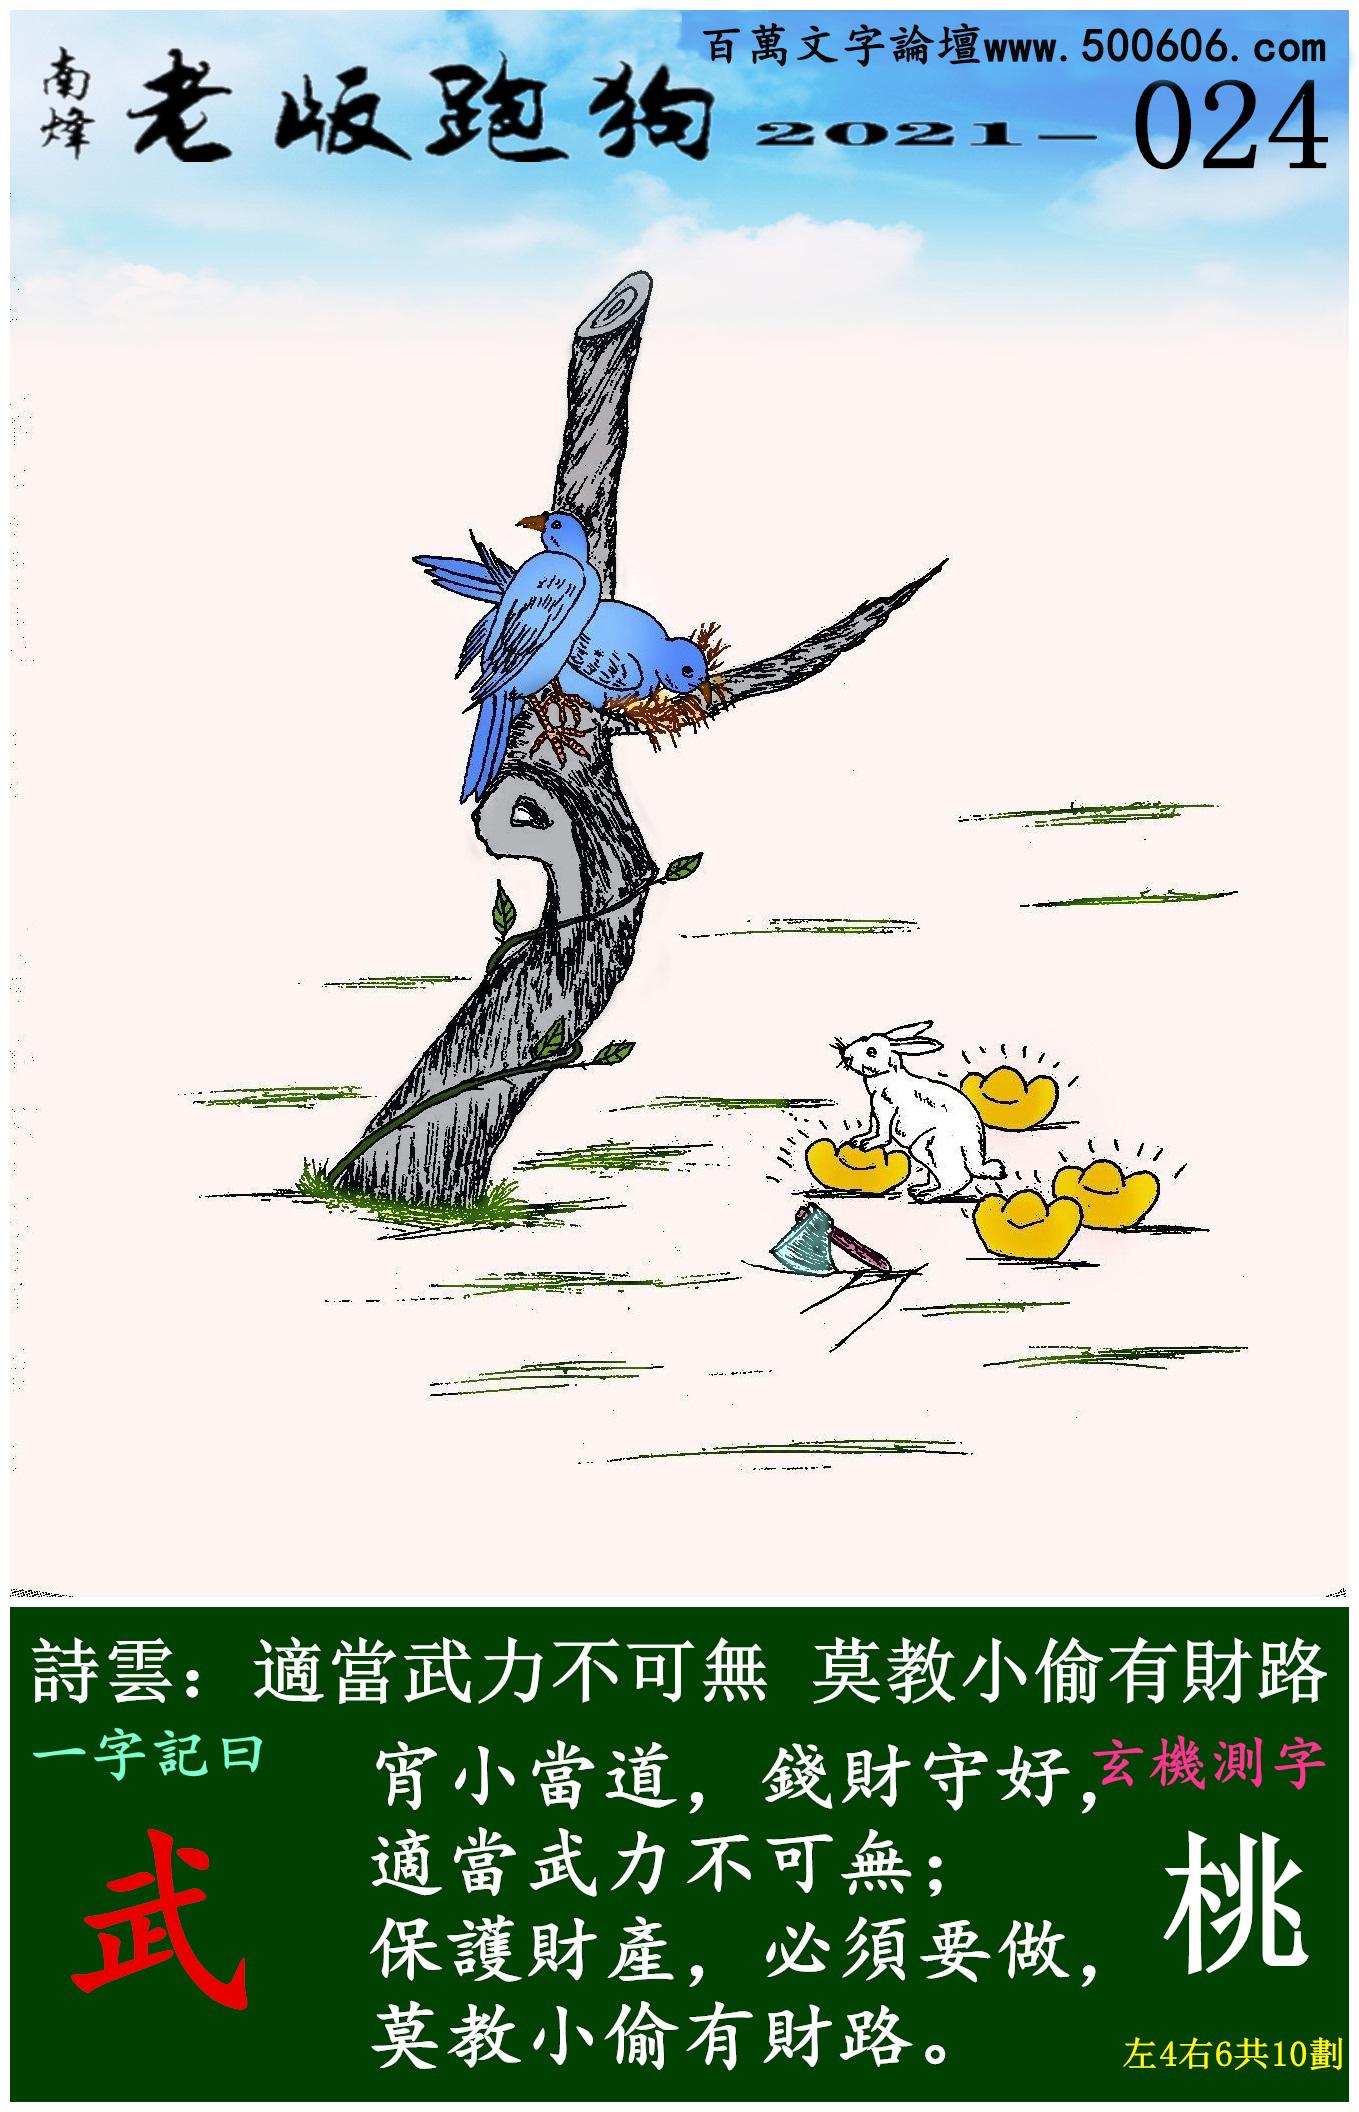 024期老版跑狗一字�之曰:【武】 ��:�m���o力不可�o,莫教小偷有�路。